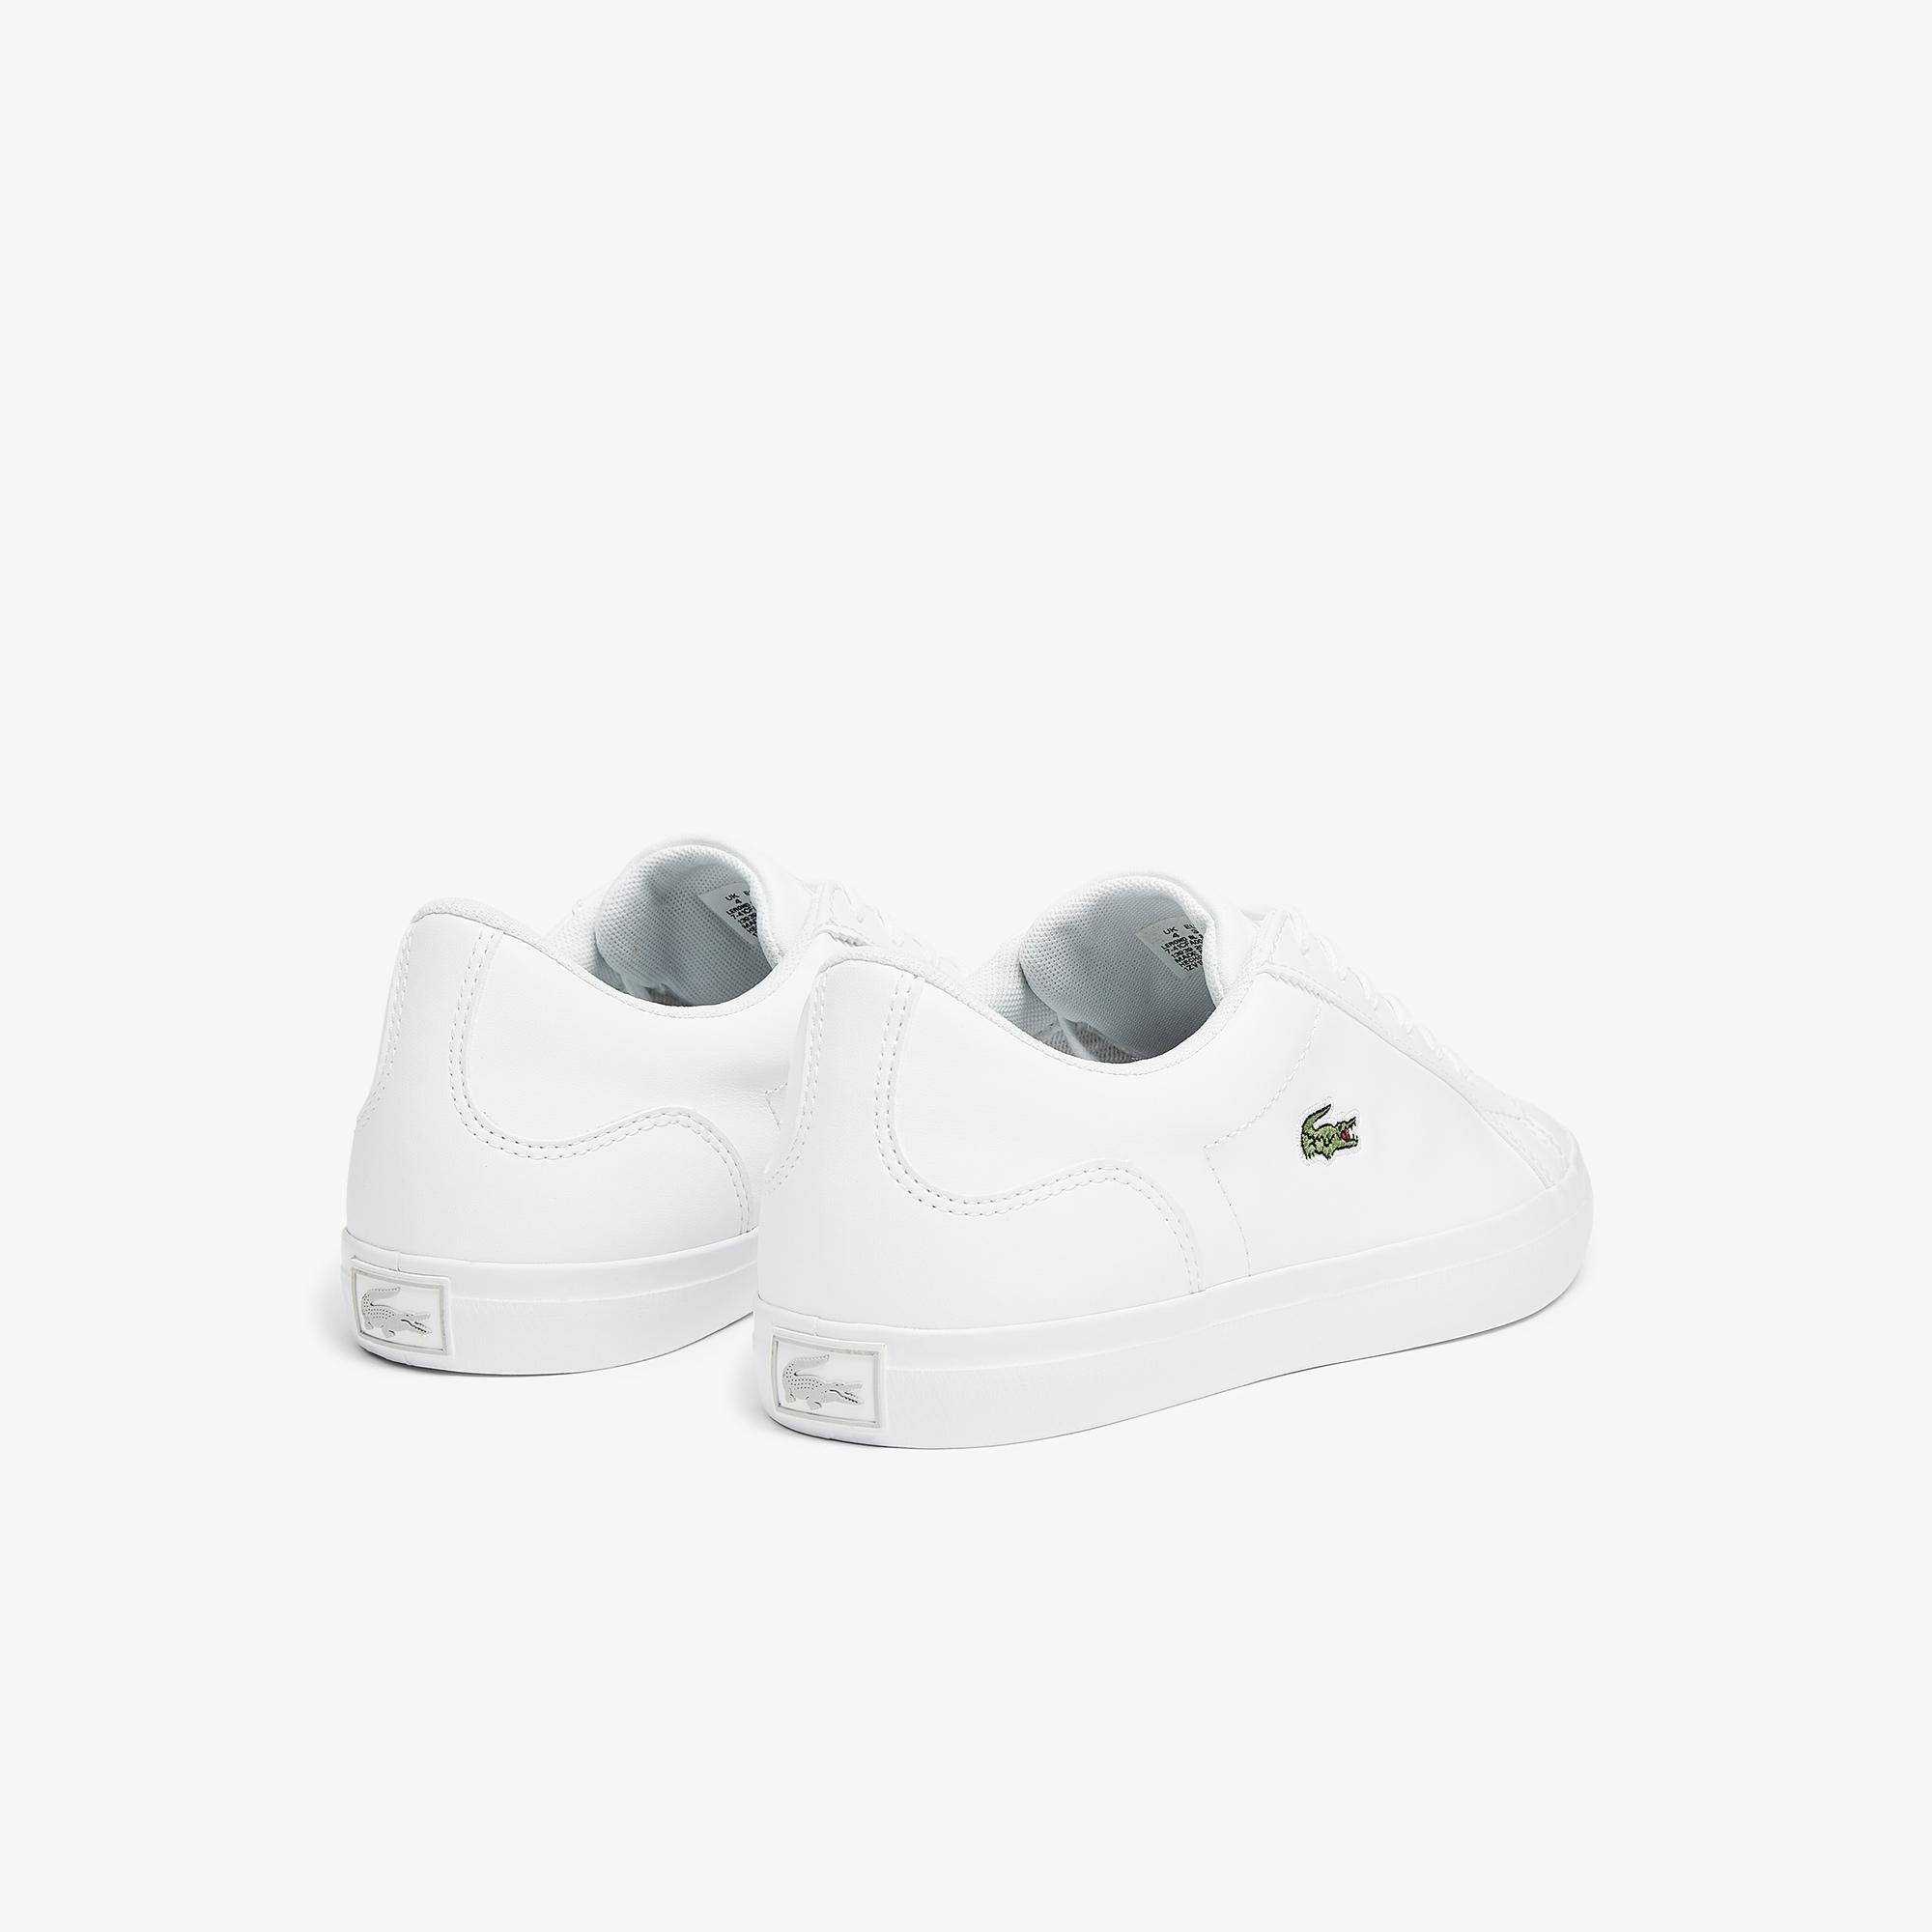 Lacoste Women's Lerond Bl 21 1 Cfa Shoes